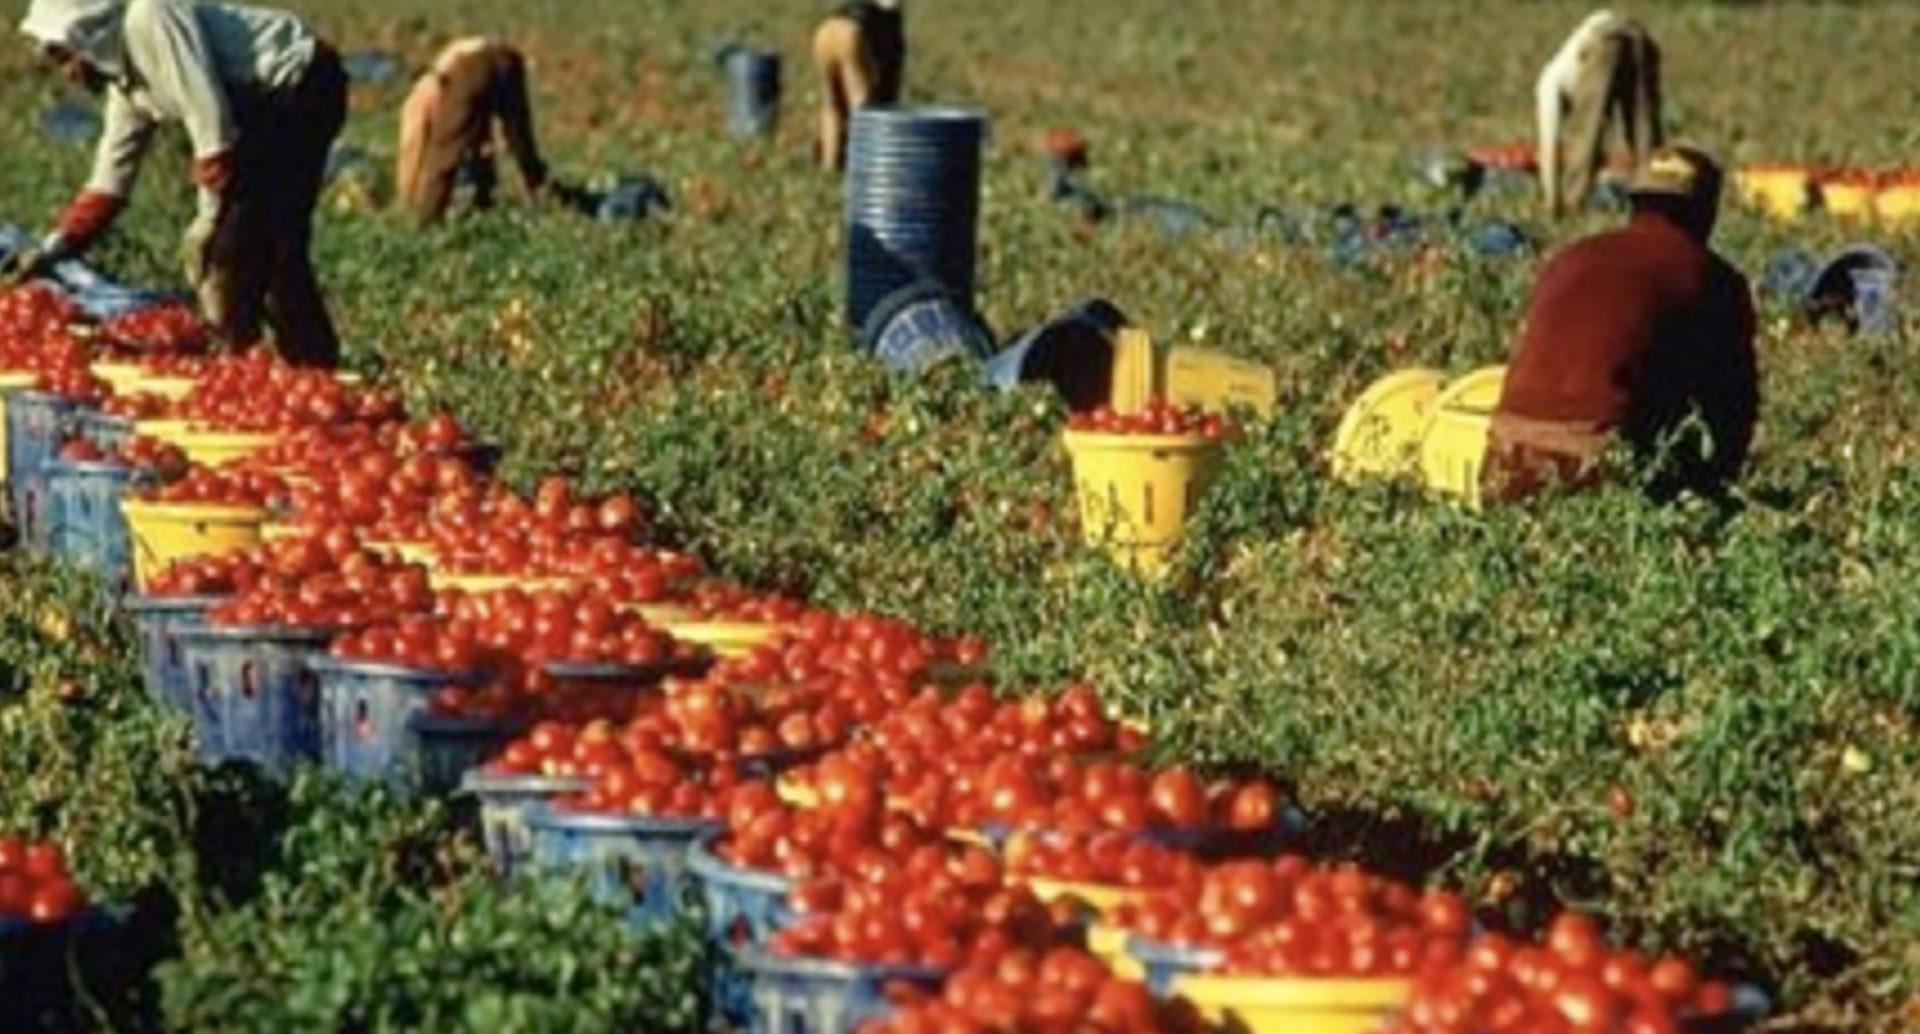 Raccolta del pomodoro: lo sfruttamento del lavoro voluto dall'elite globalista. Ma anche altro…